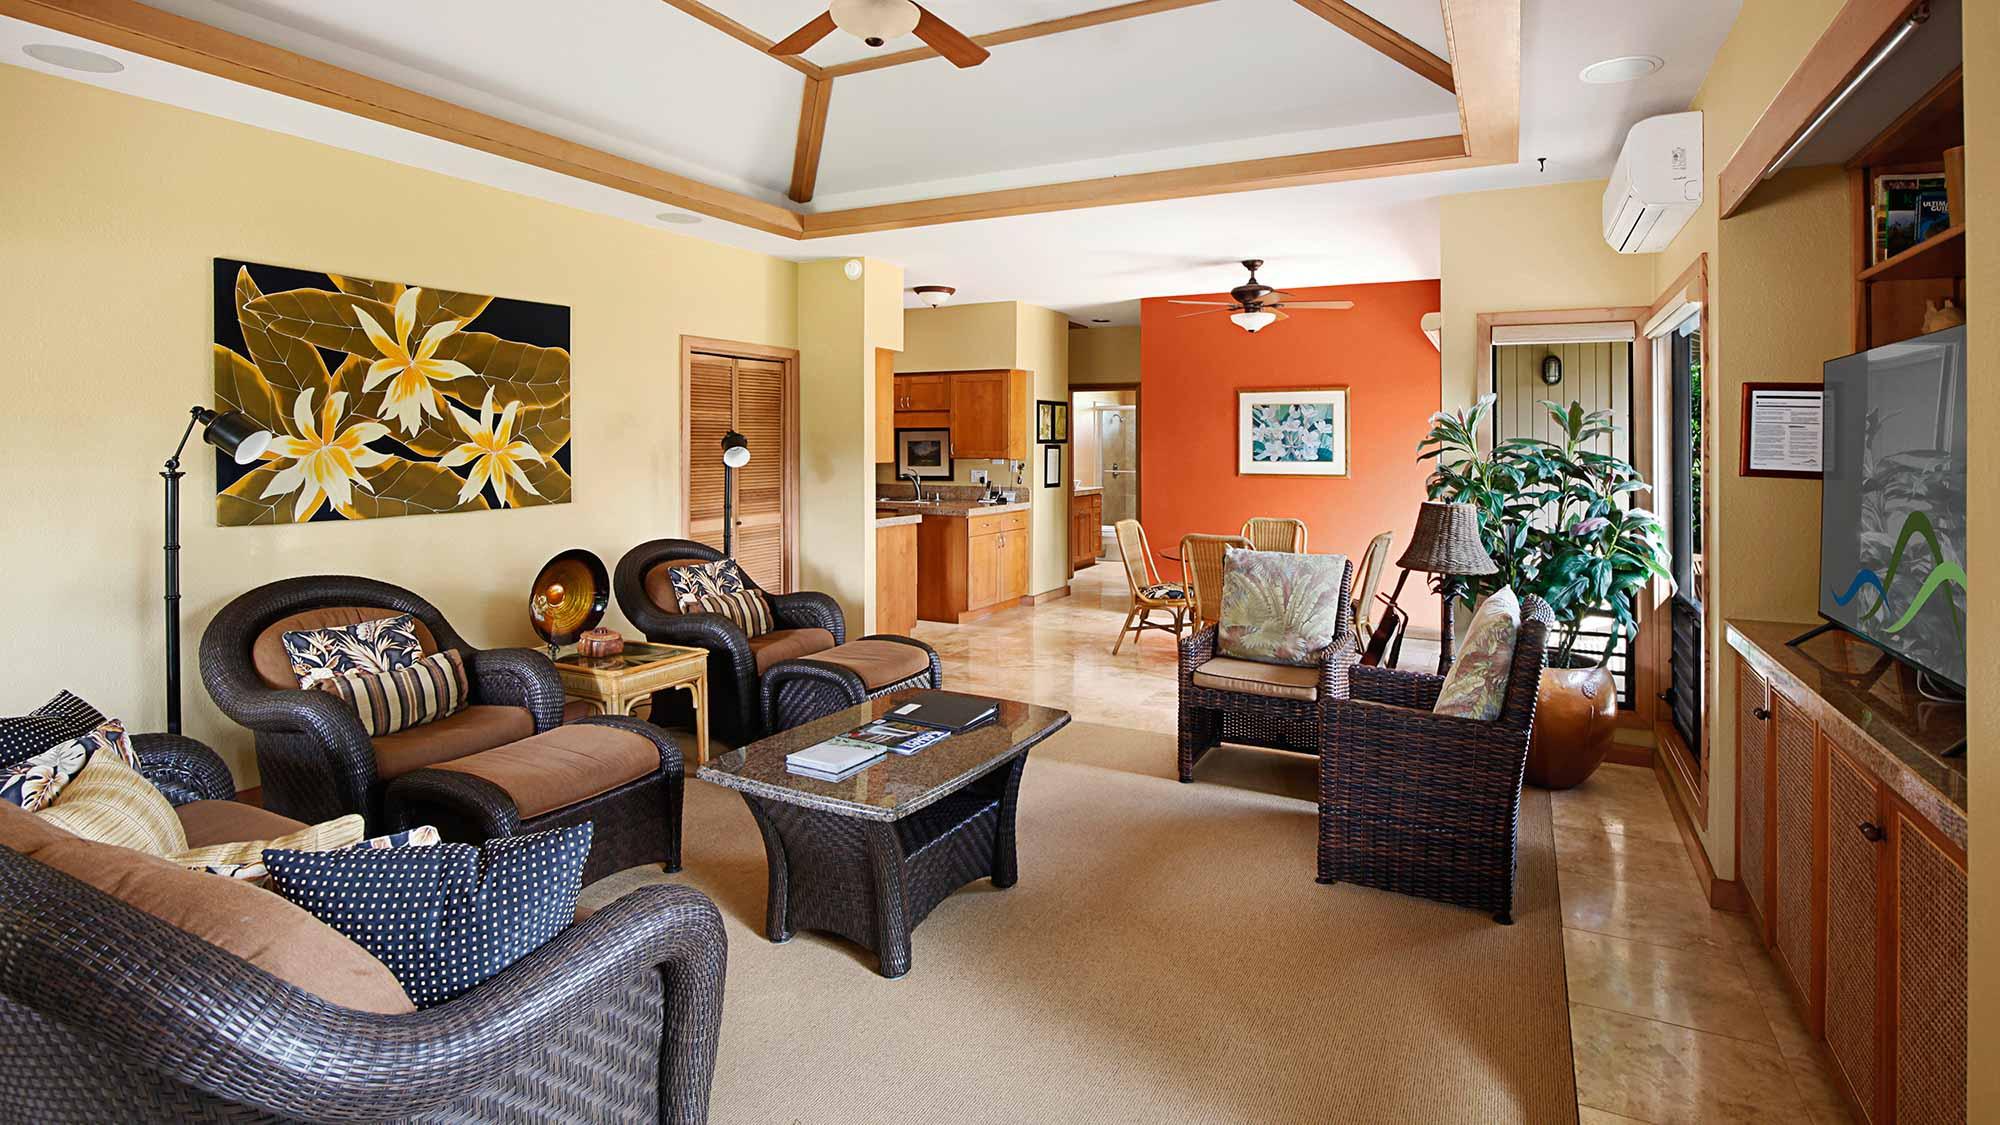 Maikalani at Poipu Kai Resort - Living Room - Parrish Kauai